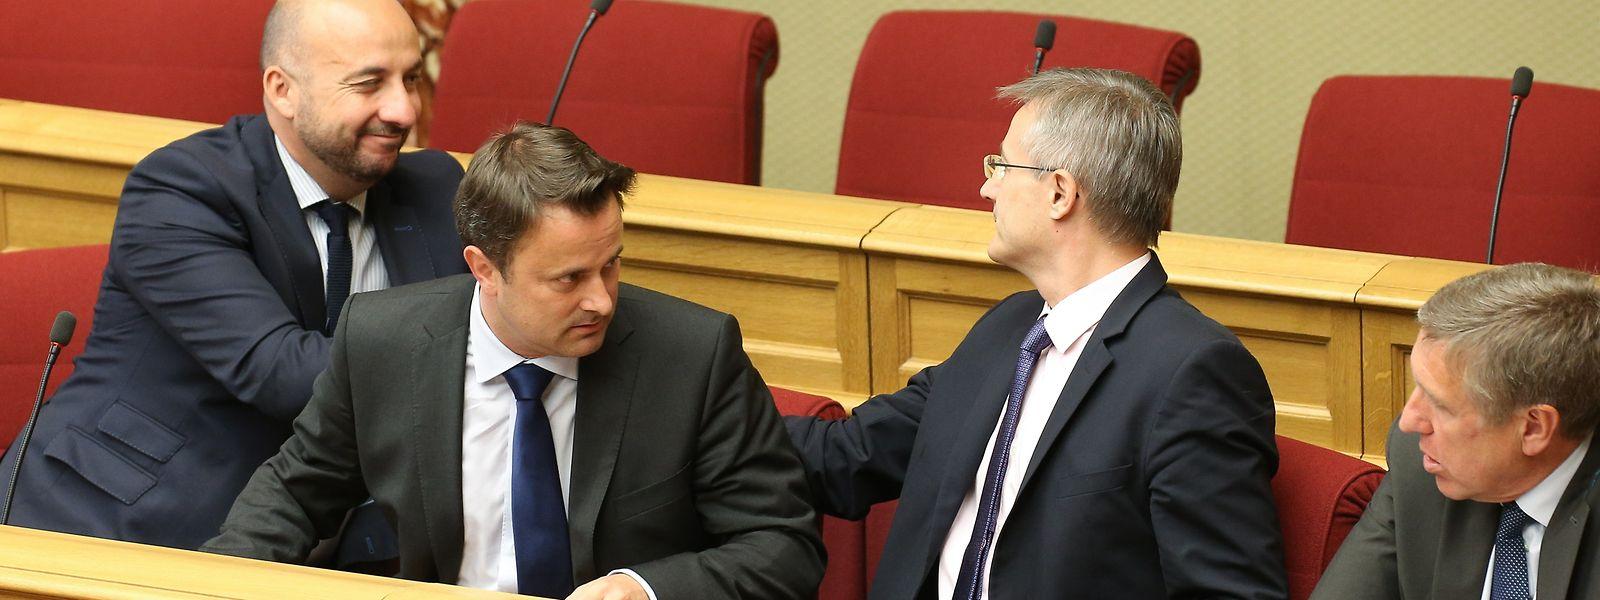 Die Regierung ist im Aufwind. Doch mit der großen Liebe zwischen DP, LSAP und Grünen ist es vorbei.